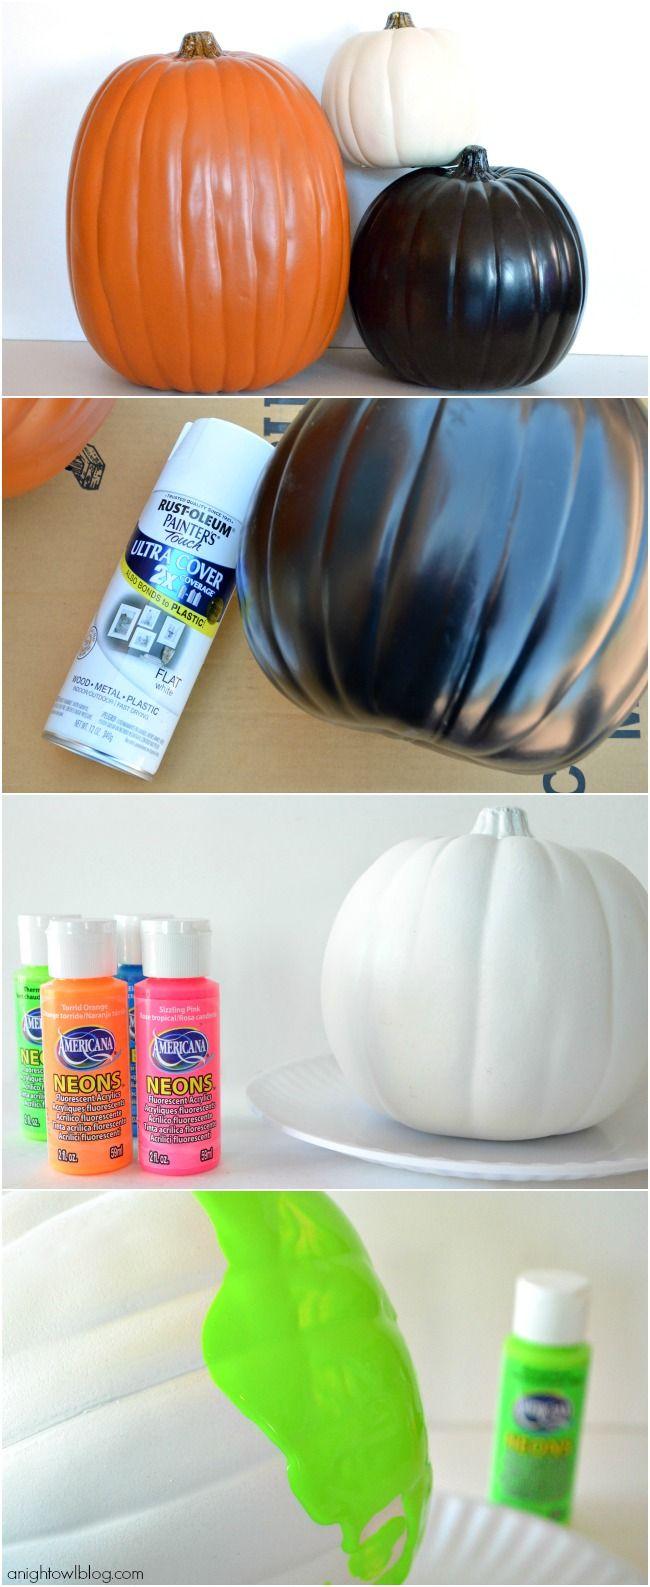 Neon Paint Dipped Pumpkins - A Night Owl Blog